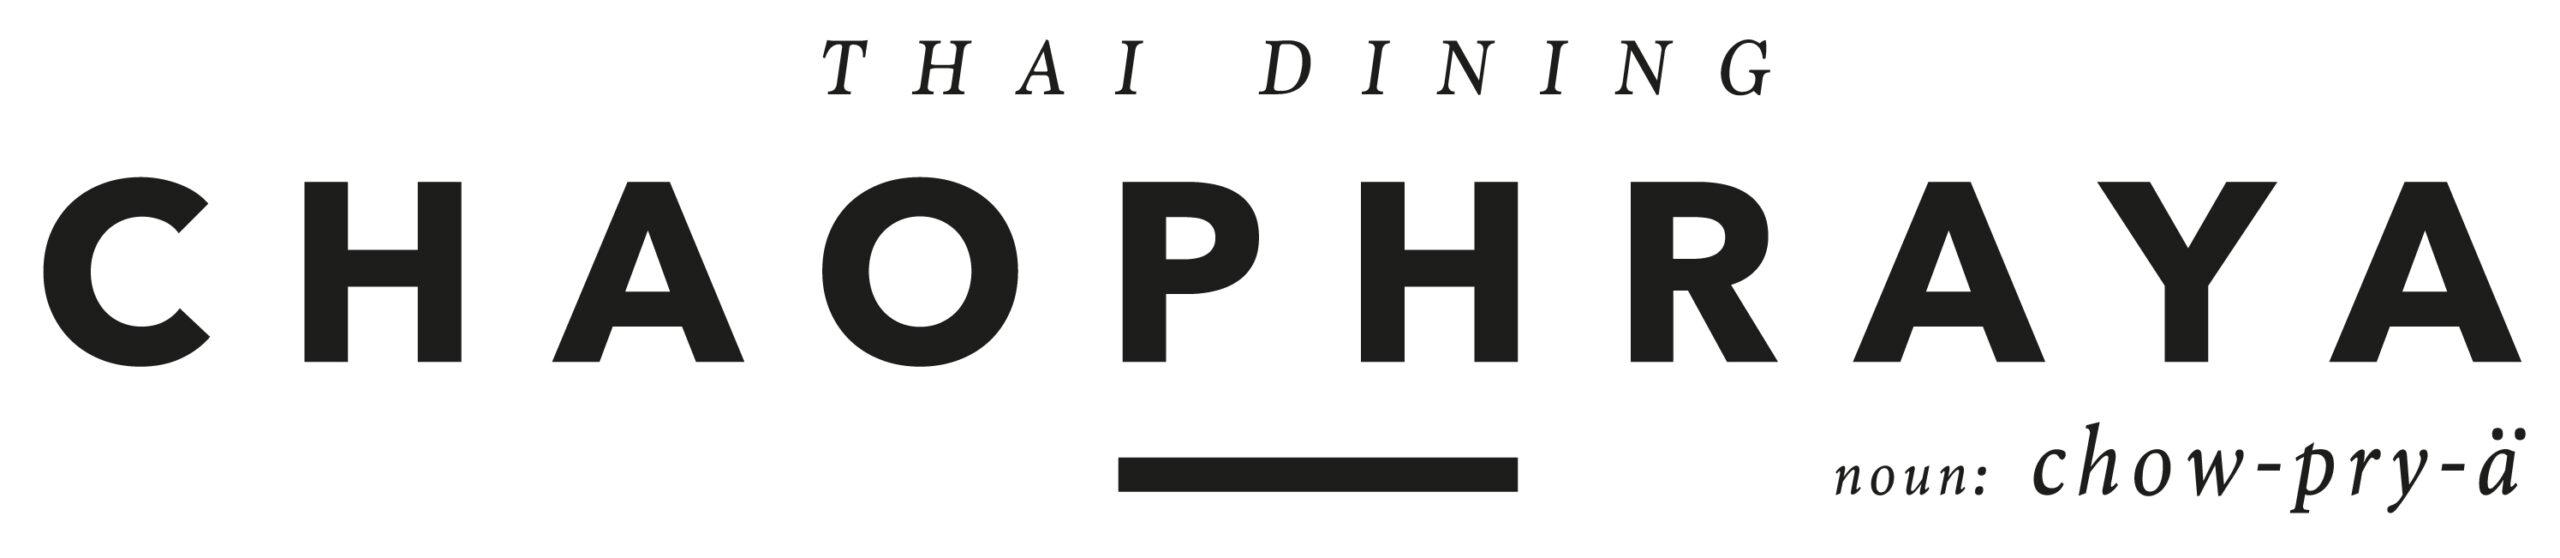 Chaophraya_Logo_Rebrand_black